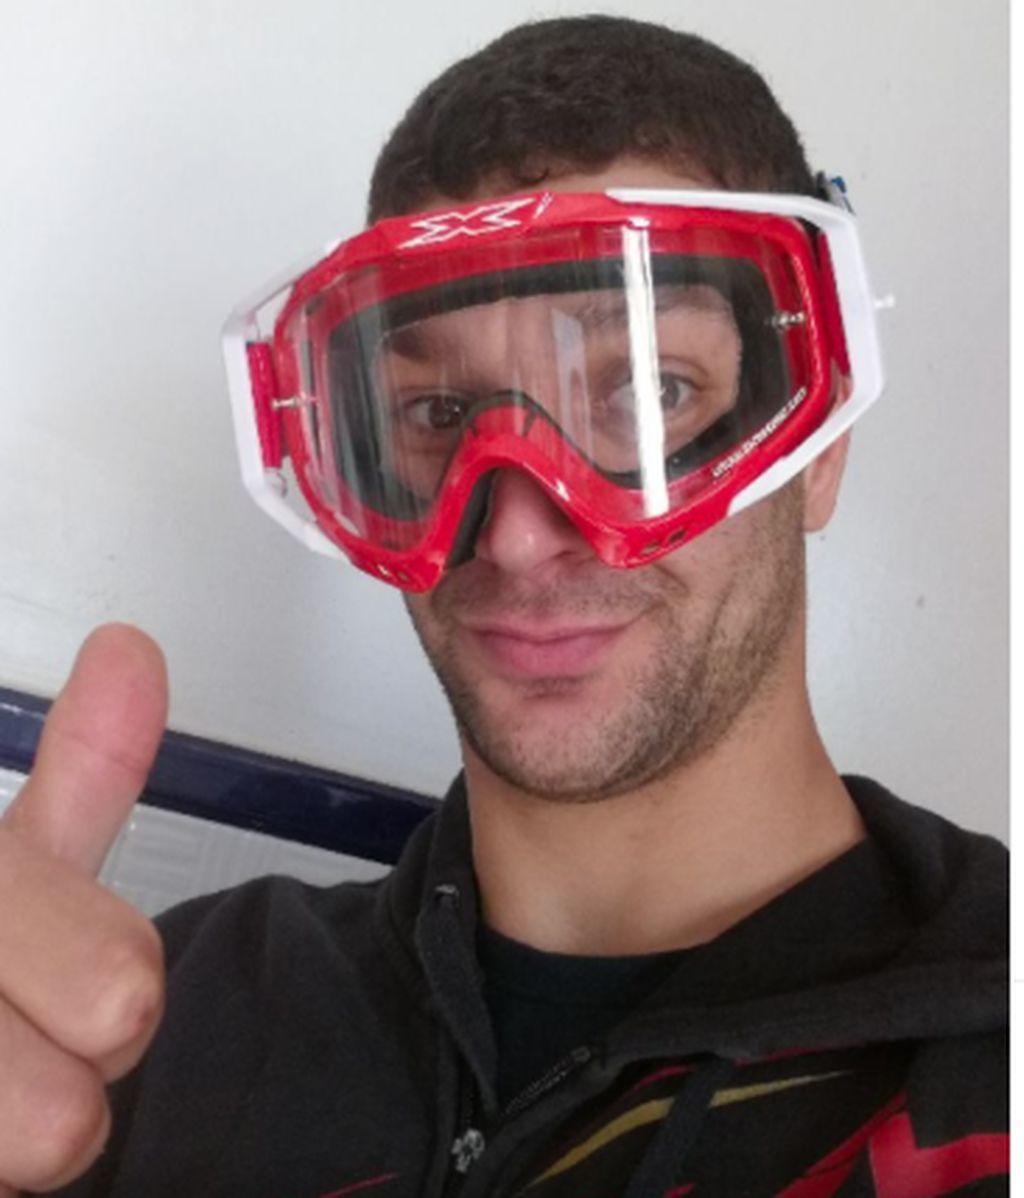 Solución de emergencia ante la falta de material en los hospitales: gafas de motocross contra el coronavirus